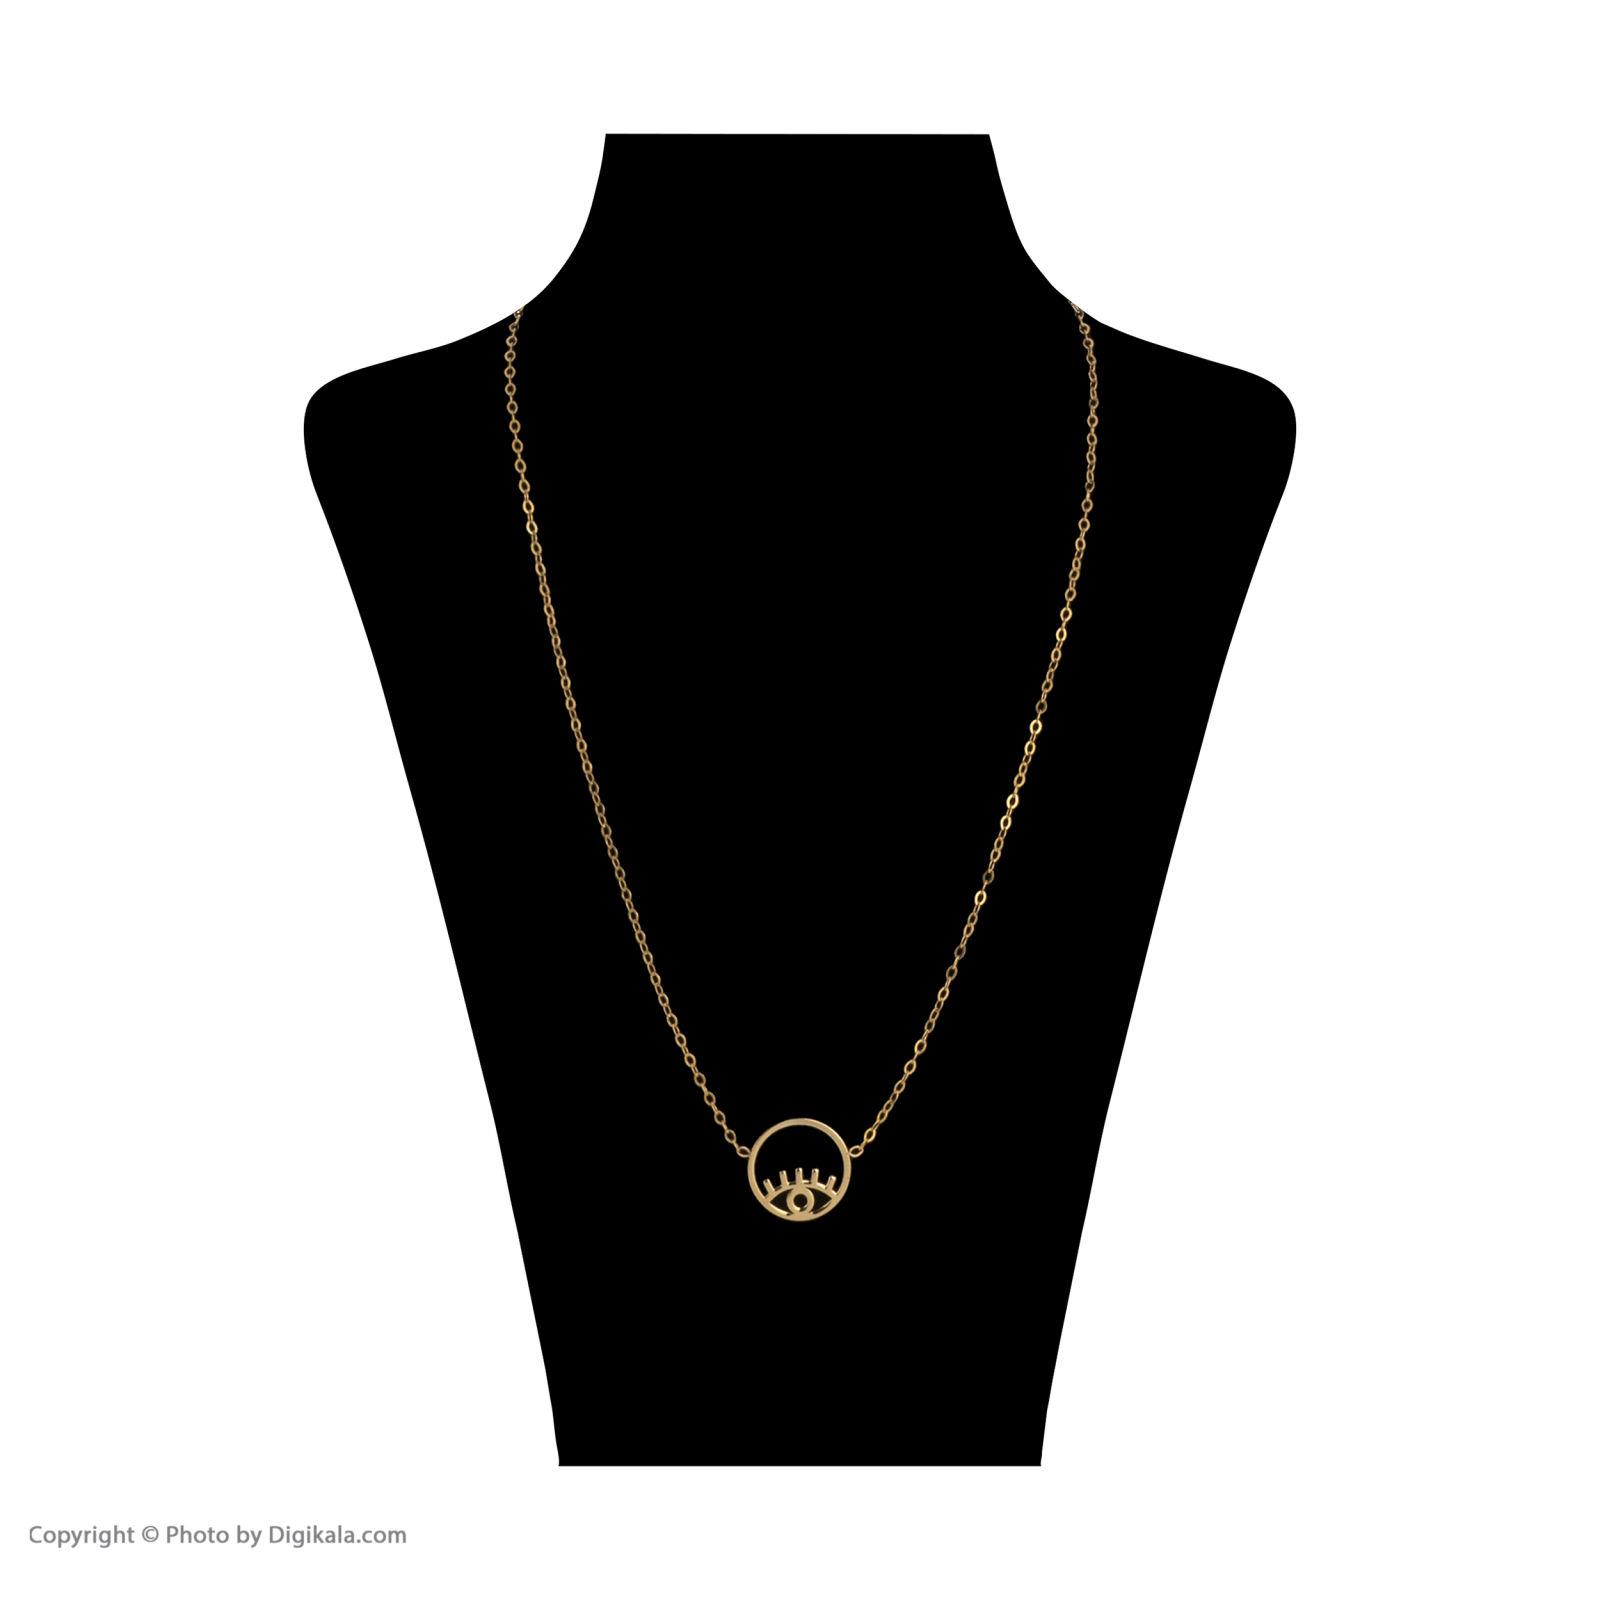 گردنبند طلا 18 عیار زنانه میو گلد مدل GD620 -  - 3